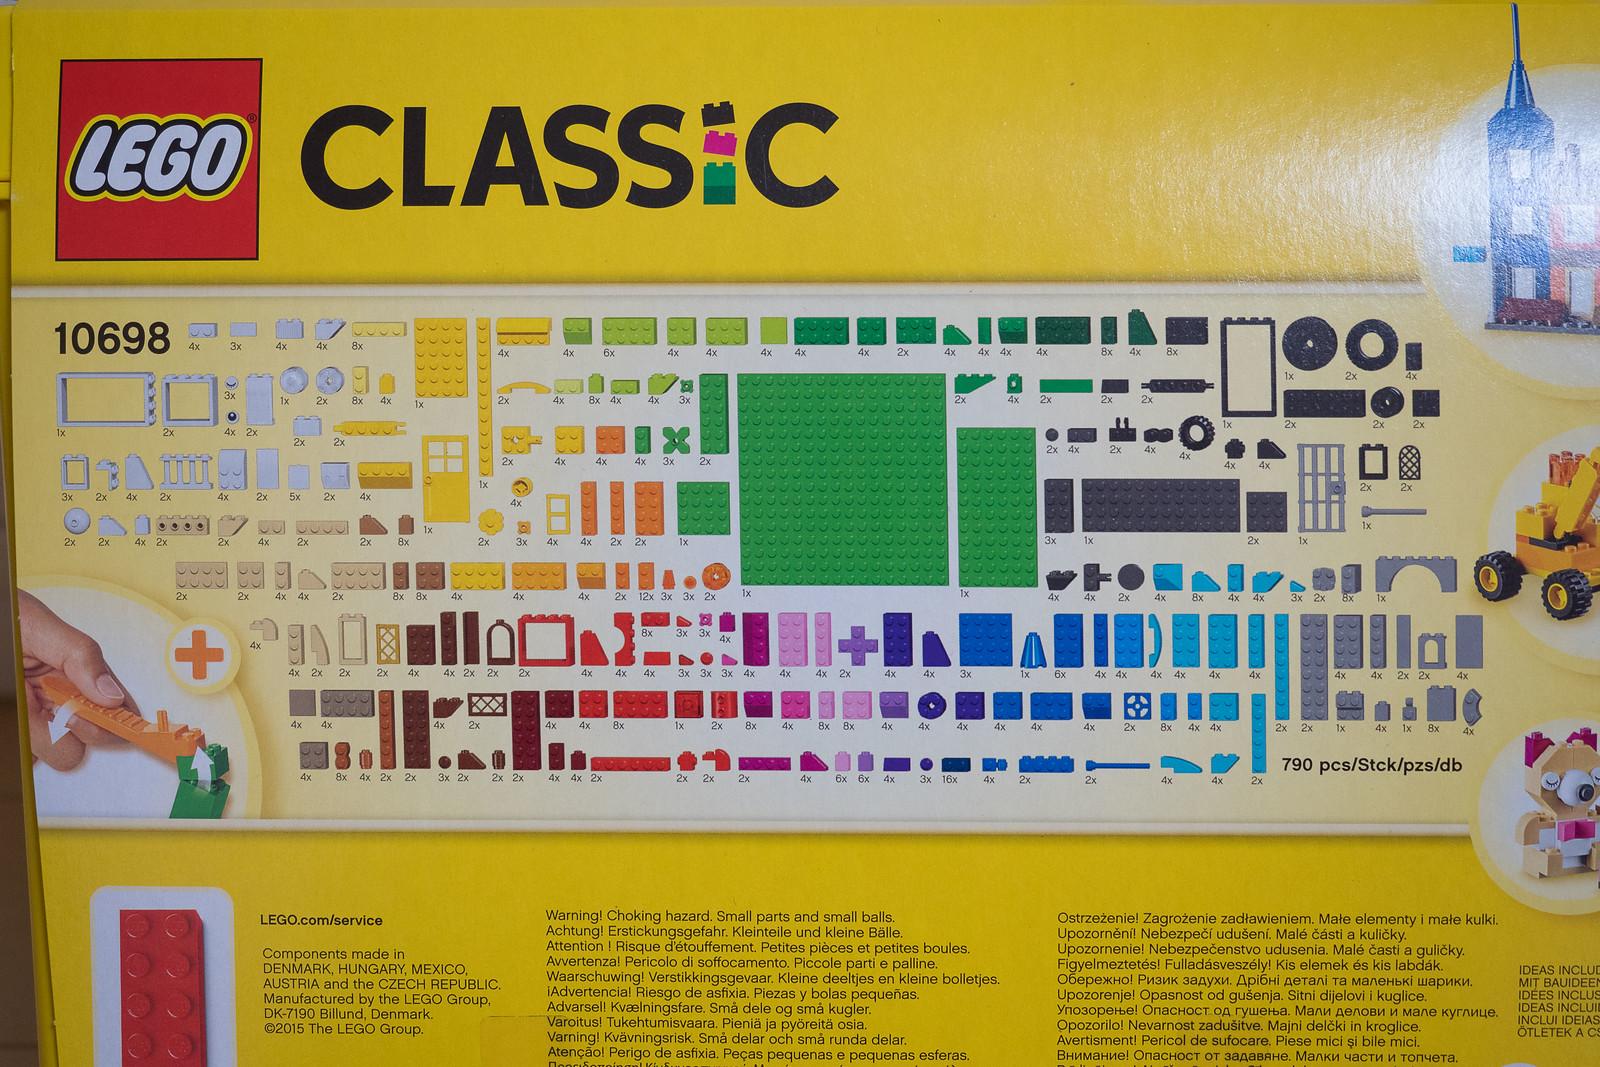 LEGO_CLASSIC-3